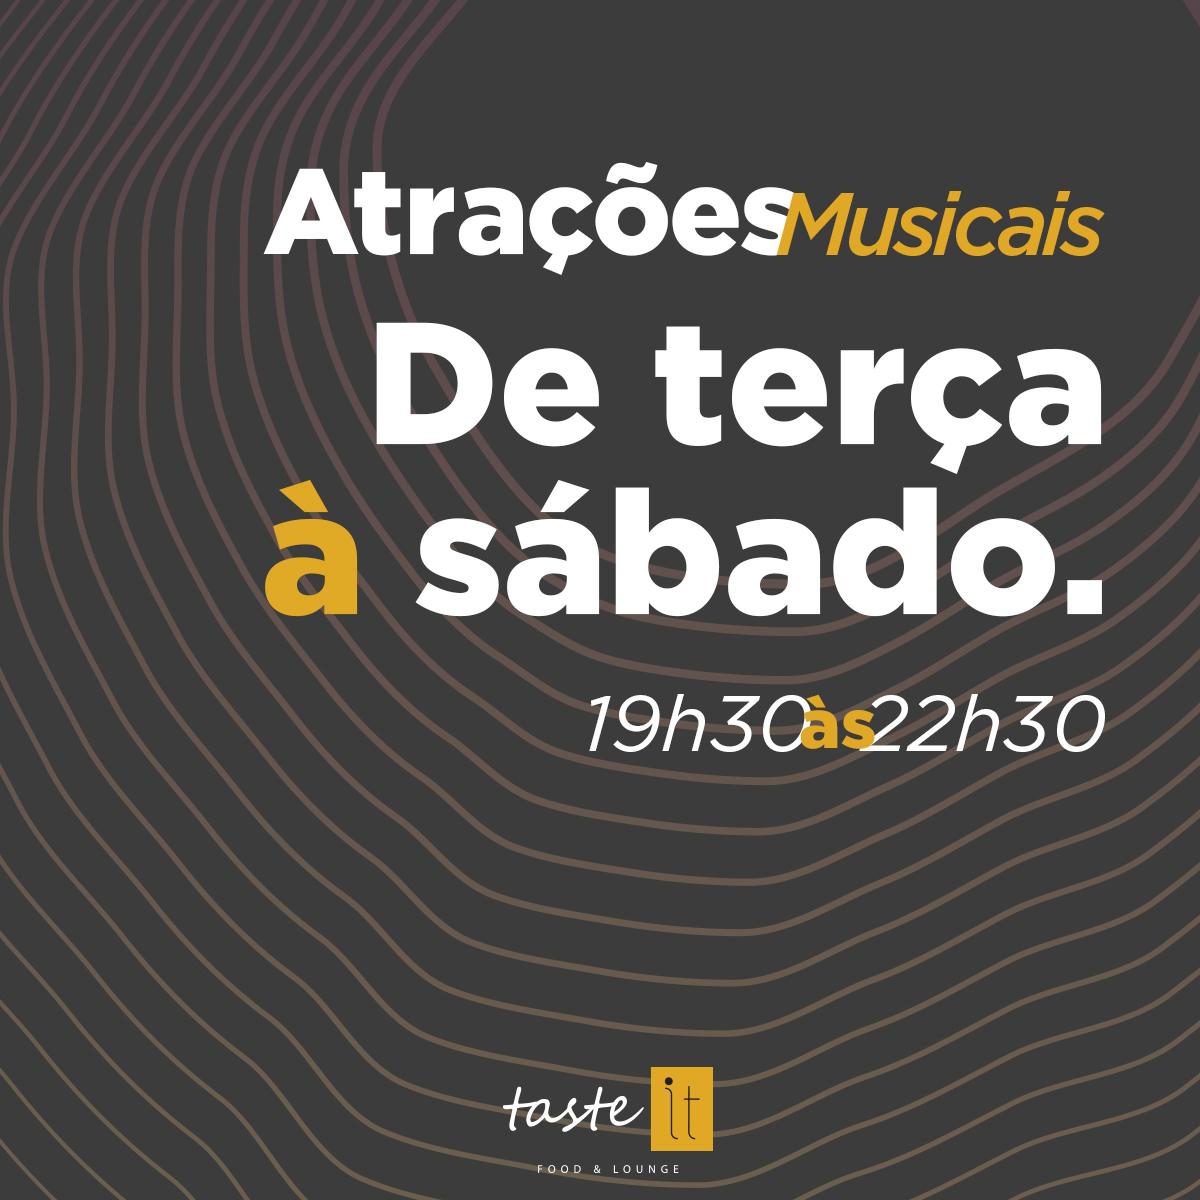 IBI_AtraçõesMusicais_1200x1200 (1).jpg